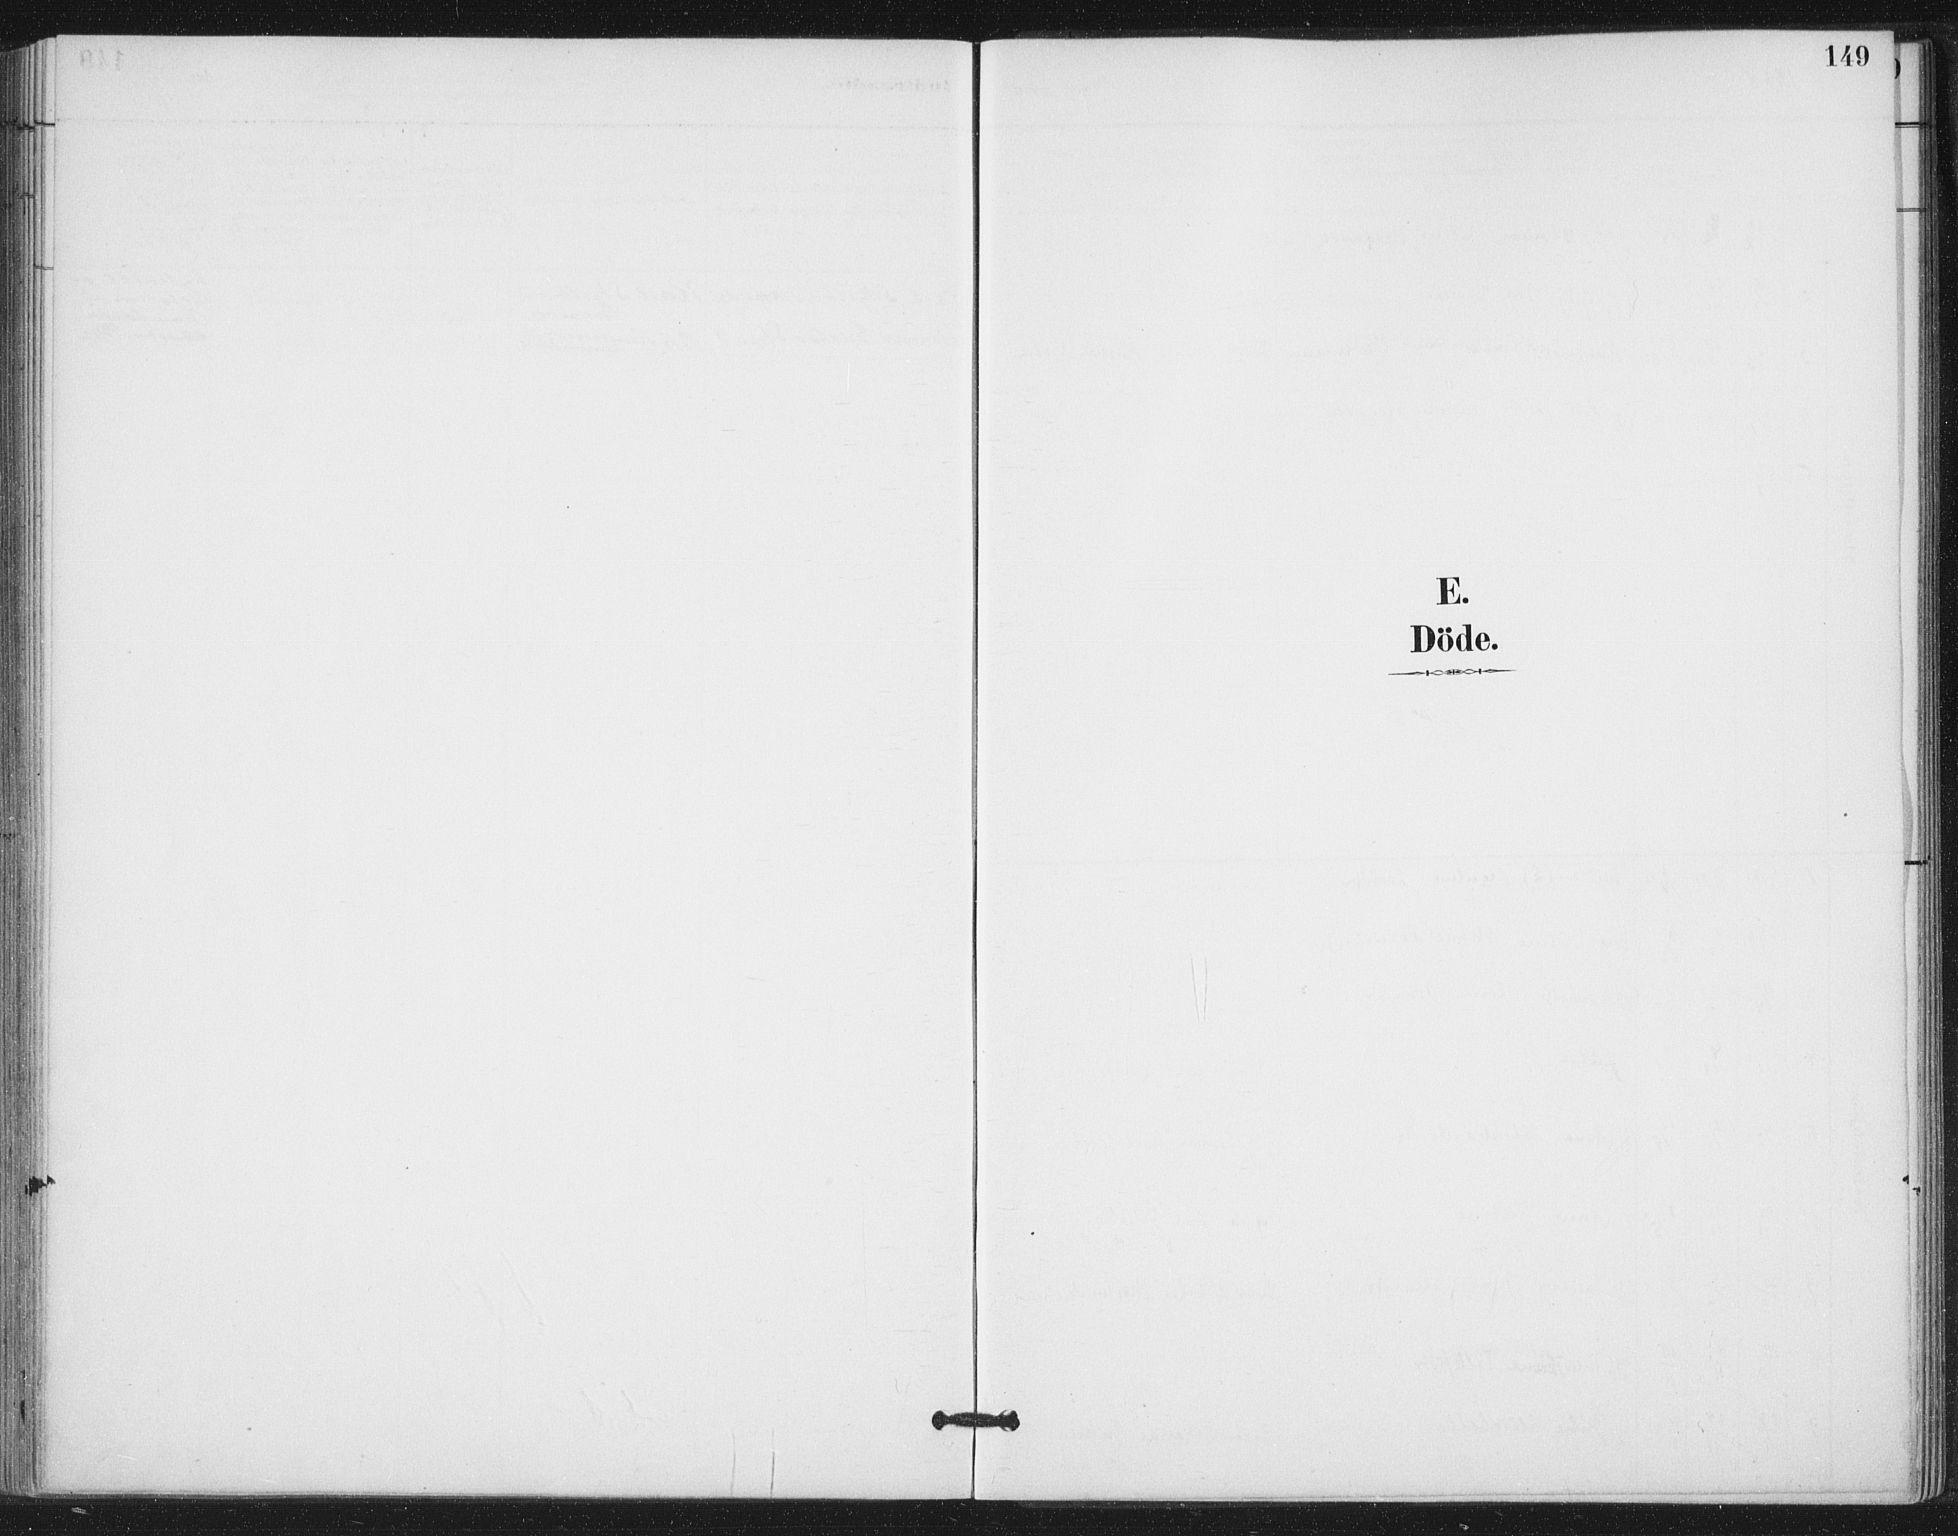 SAT, Ministerialprotokoller, klokkerbøker og fødselsregistre - Nord-Trøndelag, 772/L0603: Ministerialbok nr. 772A01, 1885-1912, s. 149